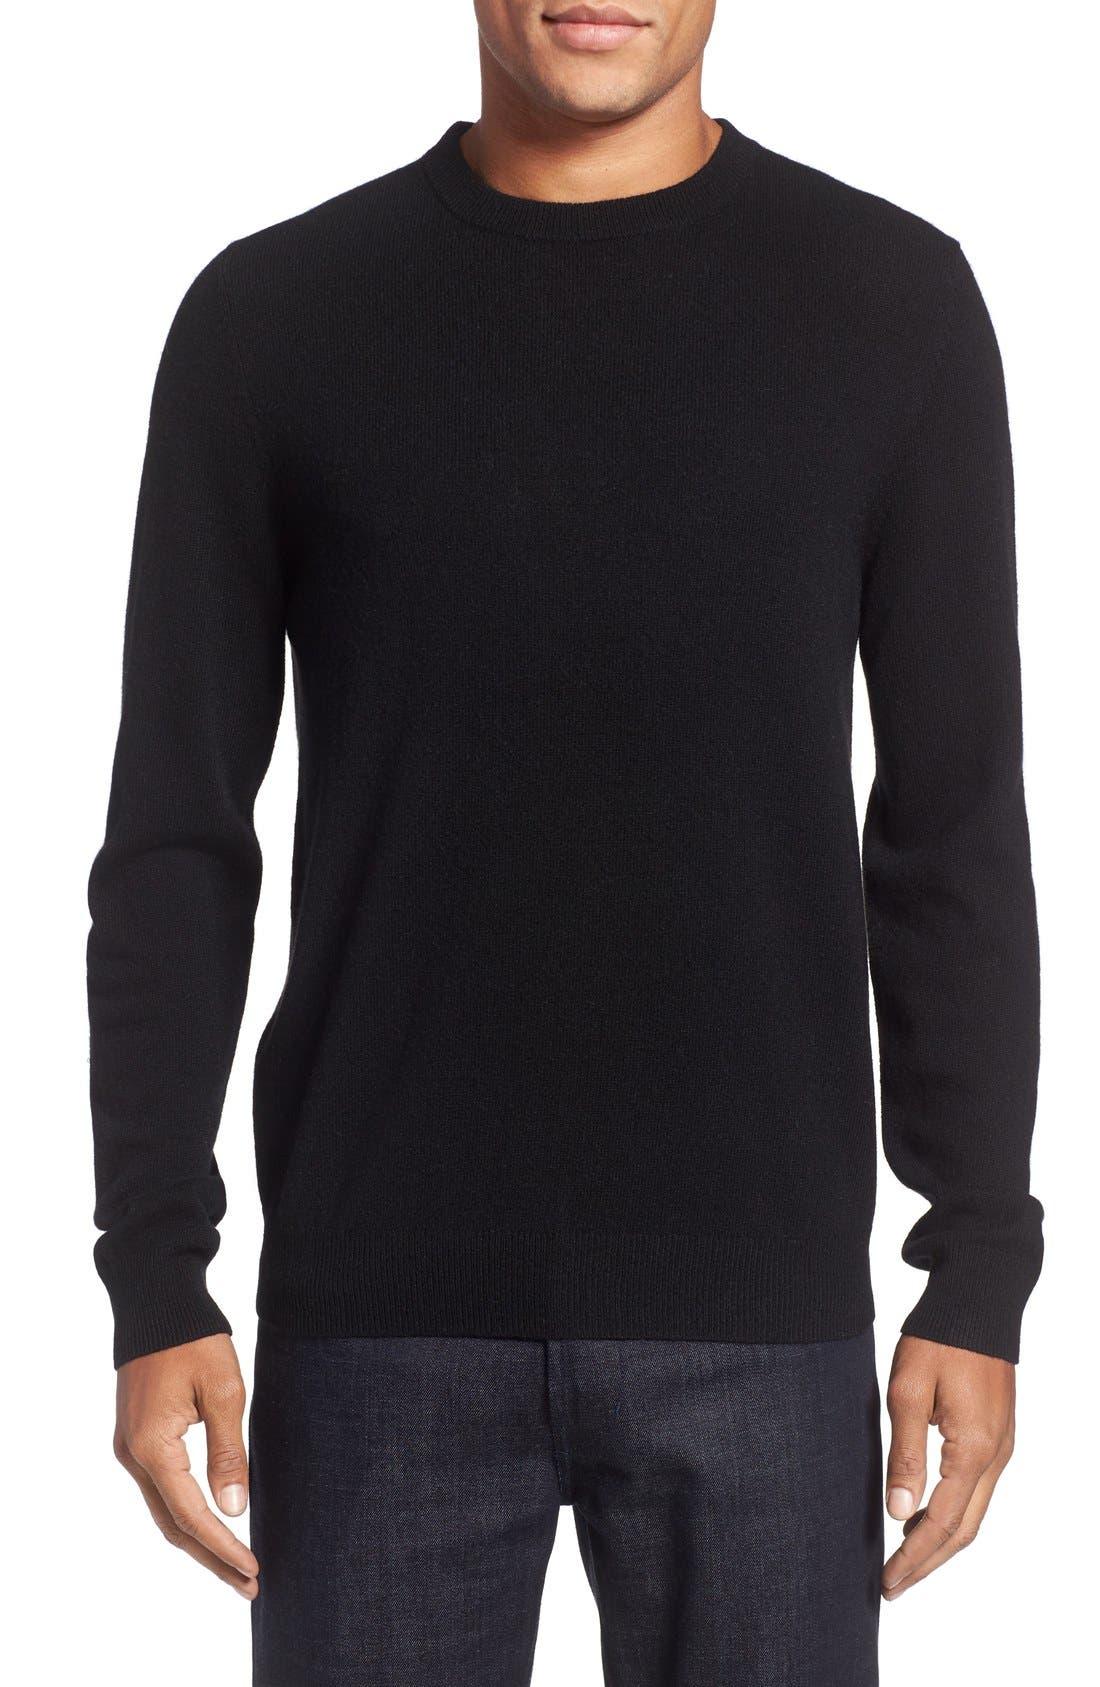 Cashmere Crewneck Sweater,                         Main,                         color, BLACK CAVIAR